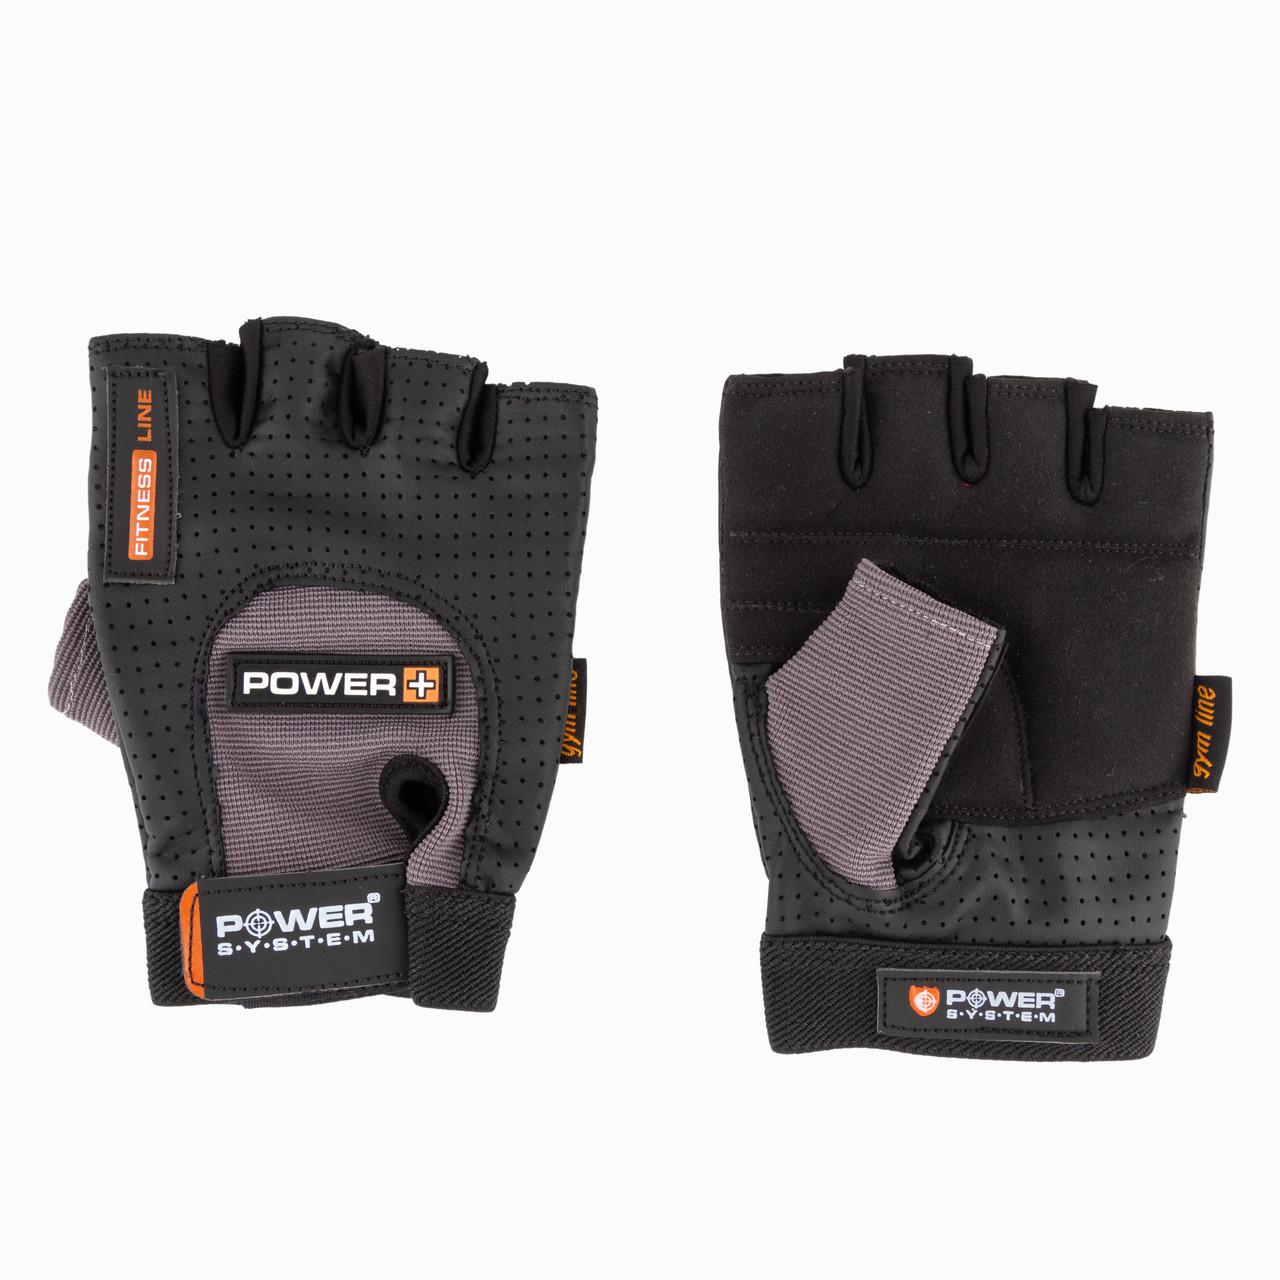 Перчатки для фитнеса и тяжелой атлетики Power System Power Plus PS-2500 L Black and Grey SKL24-252452